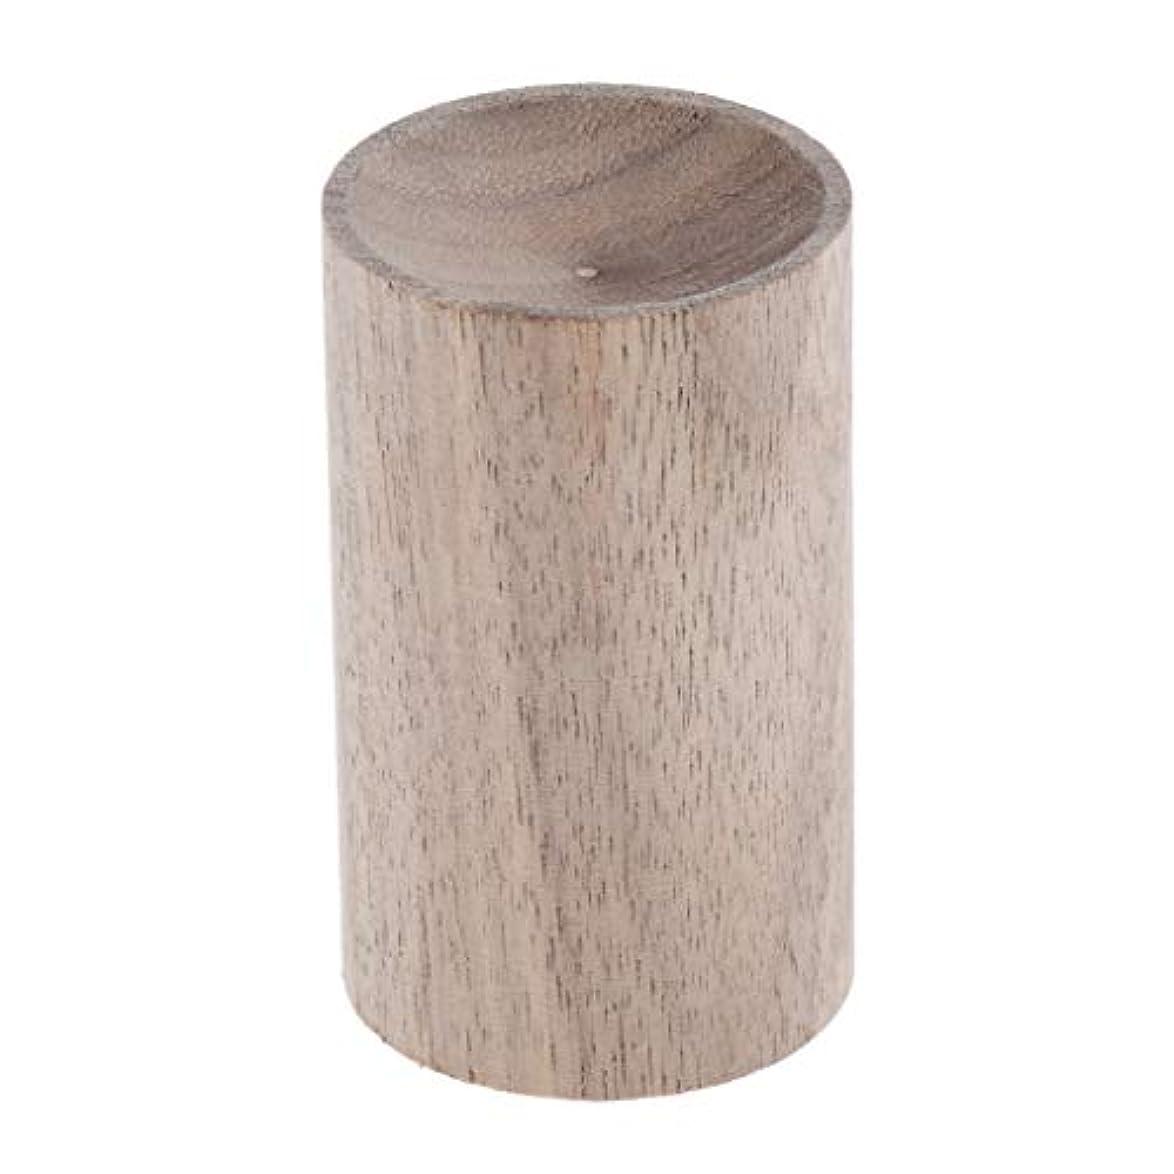 追い越す十分なページェントD DOLITY 天然木 ハンドメイド 手作り 空気清浄 エッセンシャルオイル 香水 アロマディフューザー 2種選ぶ - 02, 3.2cm